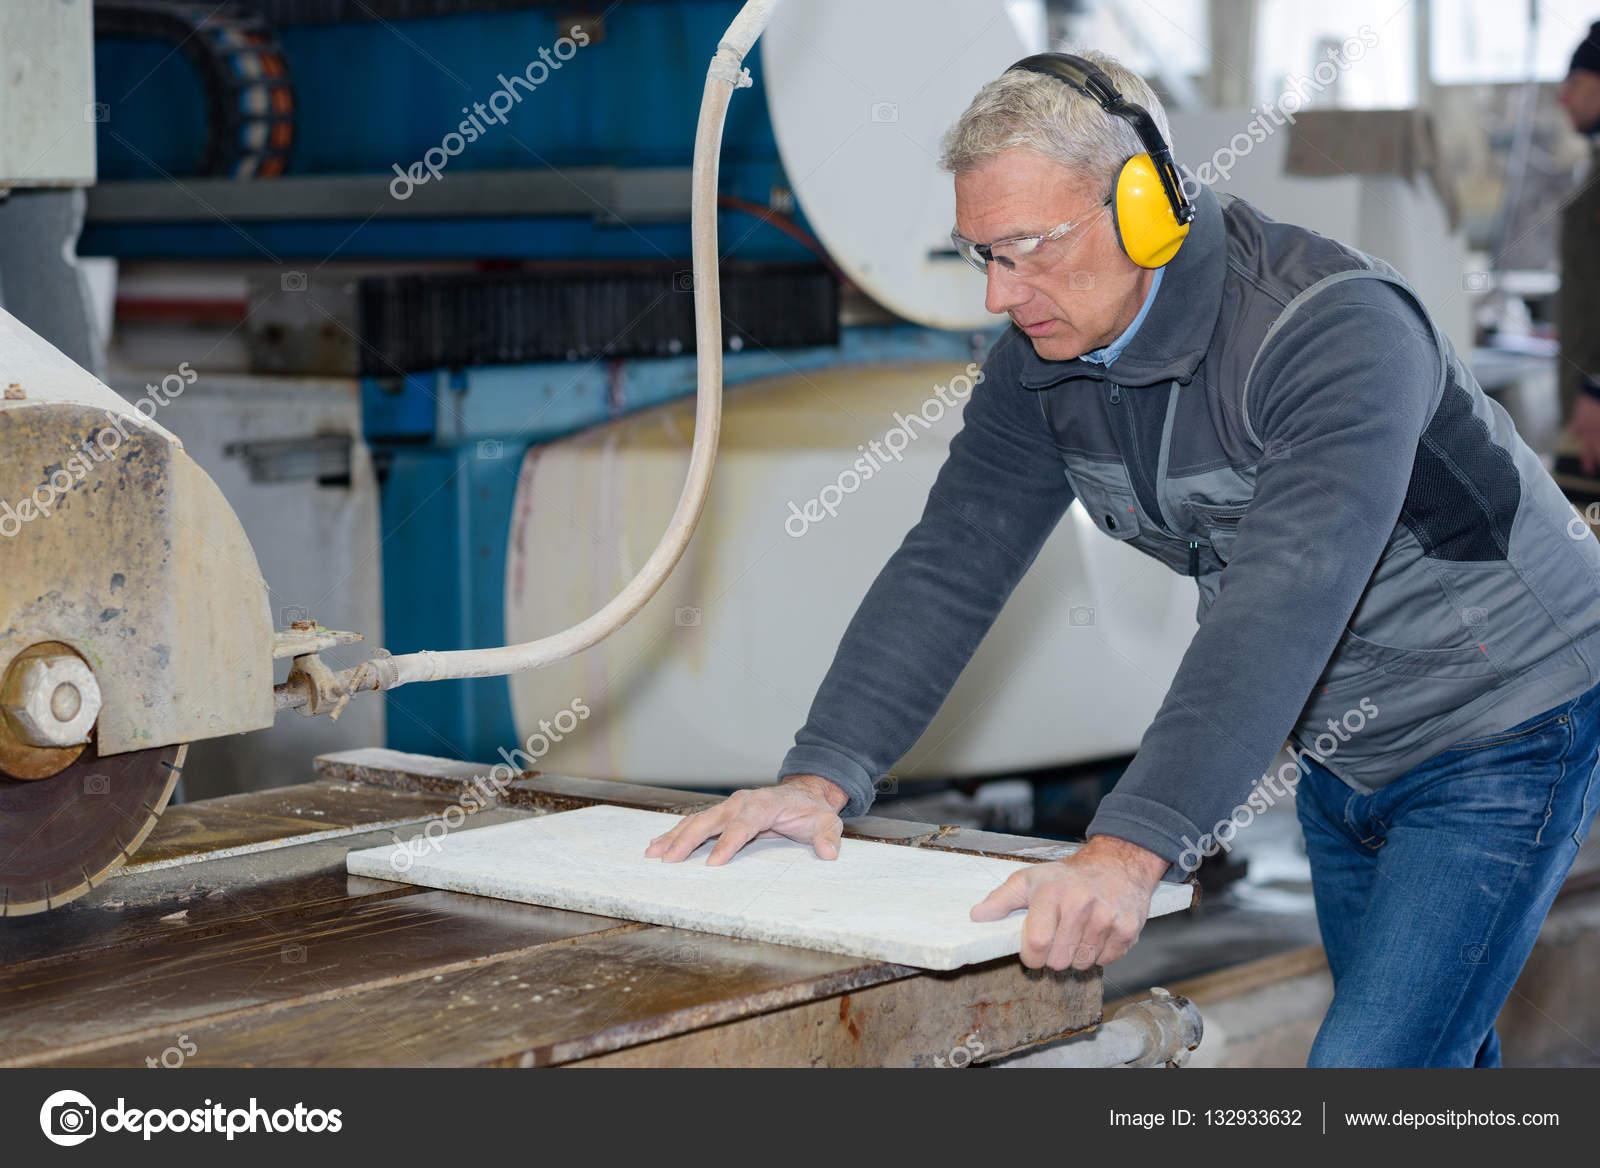 Fußboden Fliesen Schneiden ~ Fliesen schneiden arbeiter arbeiten mit fußboden fliese schneiden